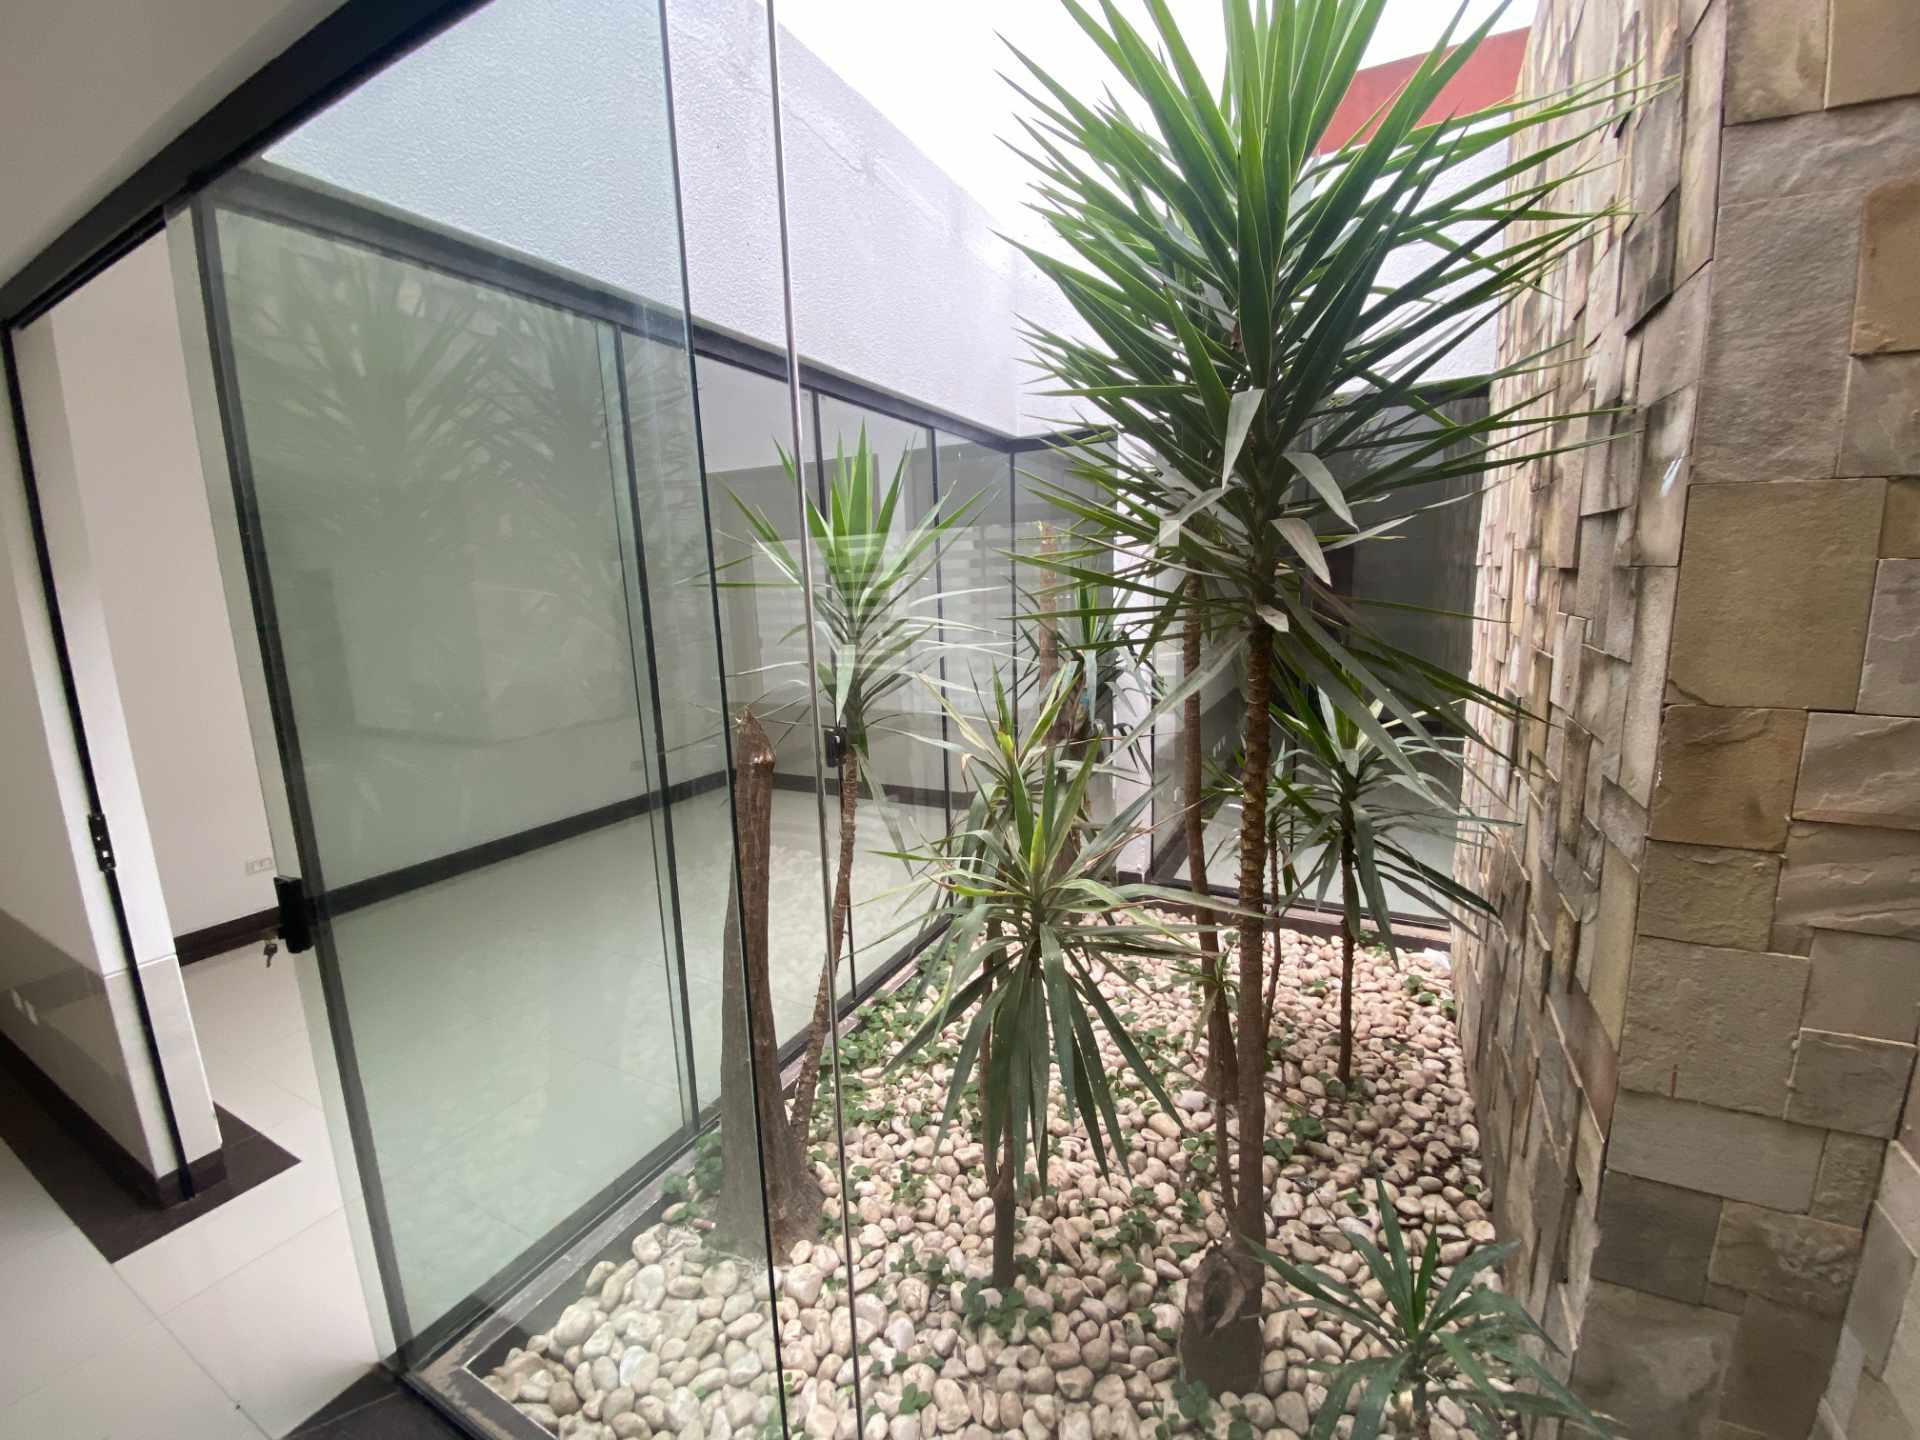 Casa en Venta Condominio Mónaco, entre 7mo y 8vo anillo de la zona norte sobre Canal Pedro Velez.  Foto 4